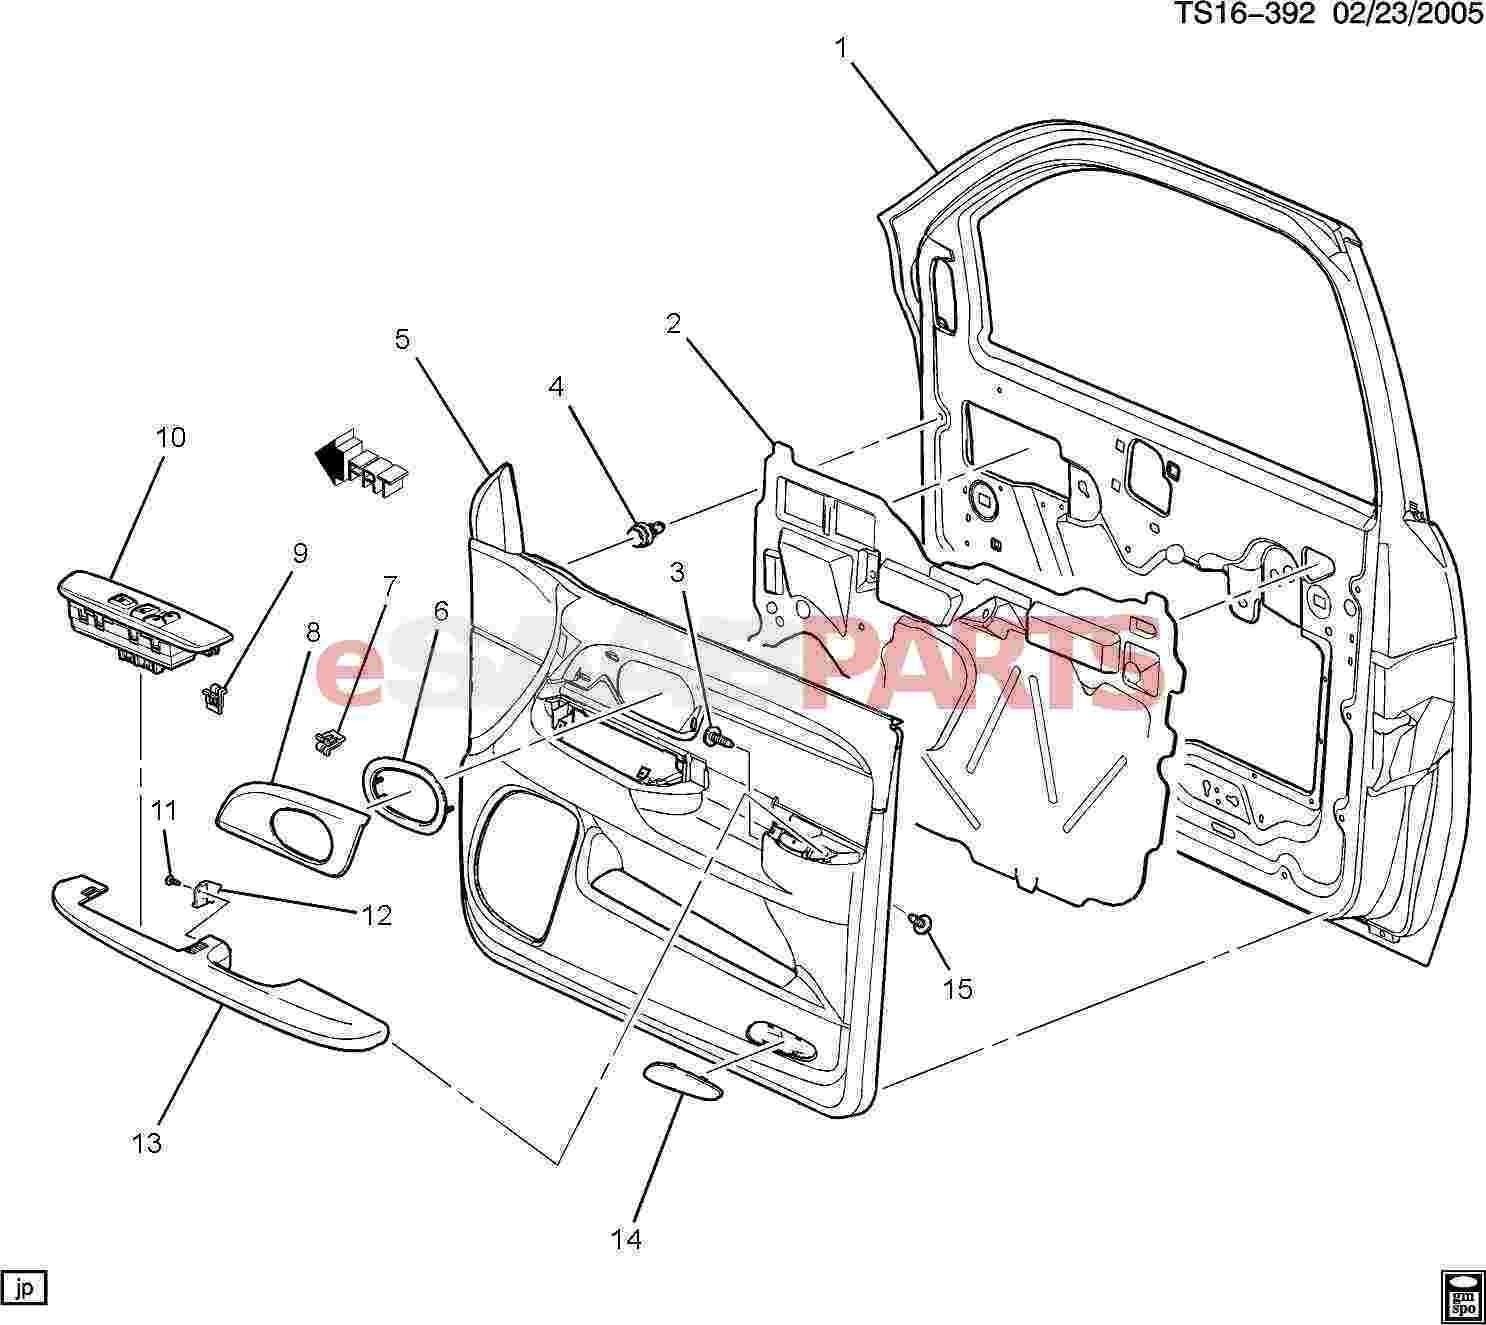 Labelled Diagram Of Car Parts Esaabparts Saab 9 7x Car Body Internal Parts Door Parts Of Labelled Diagram Of Car Parts